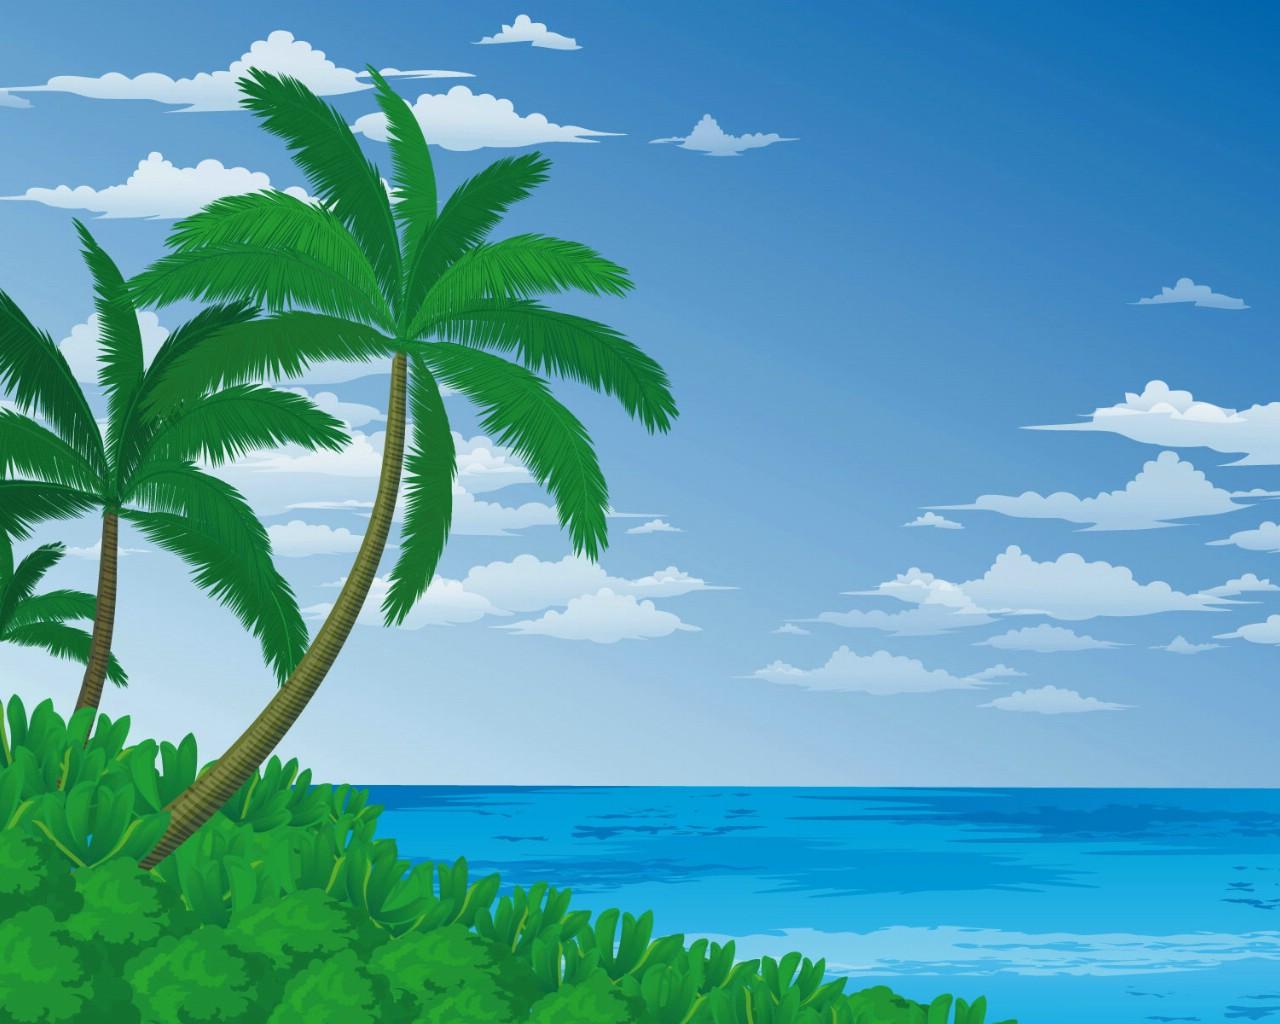 壁纸1280×1024矢量夏日海滩 1 8壁纸 矢量风光 矢量夏日海滩 第一辑壁纸图片矢量壁纸矢量图片素材桌面壁纸